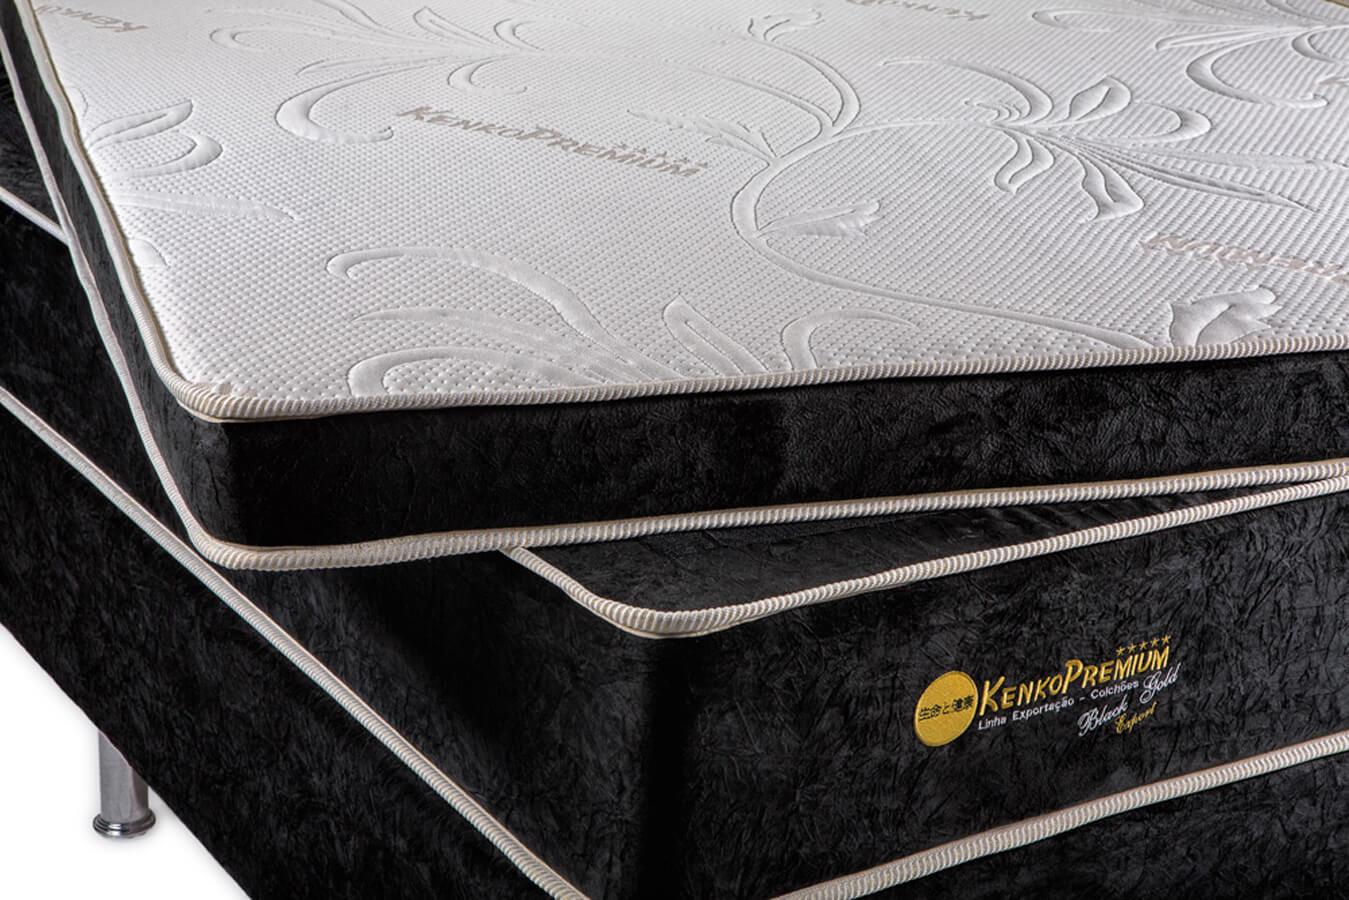 Colchão Magnético King Size 1,93x2,03x30 Cm Kenko Premium Gold Linha Exportação  - Kenko Premium Colchões